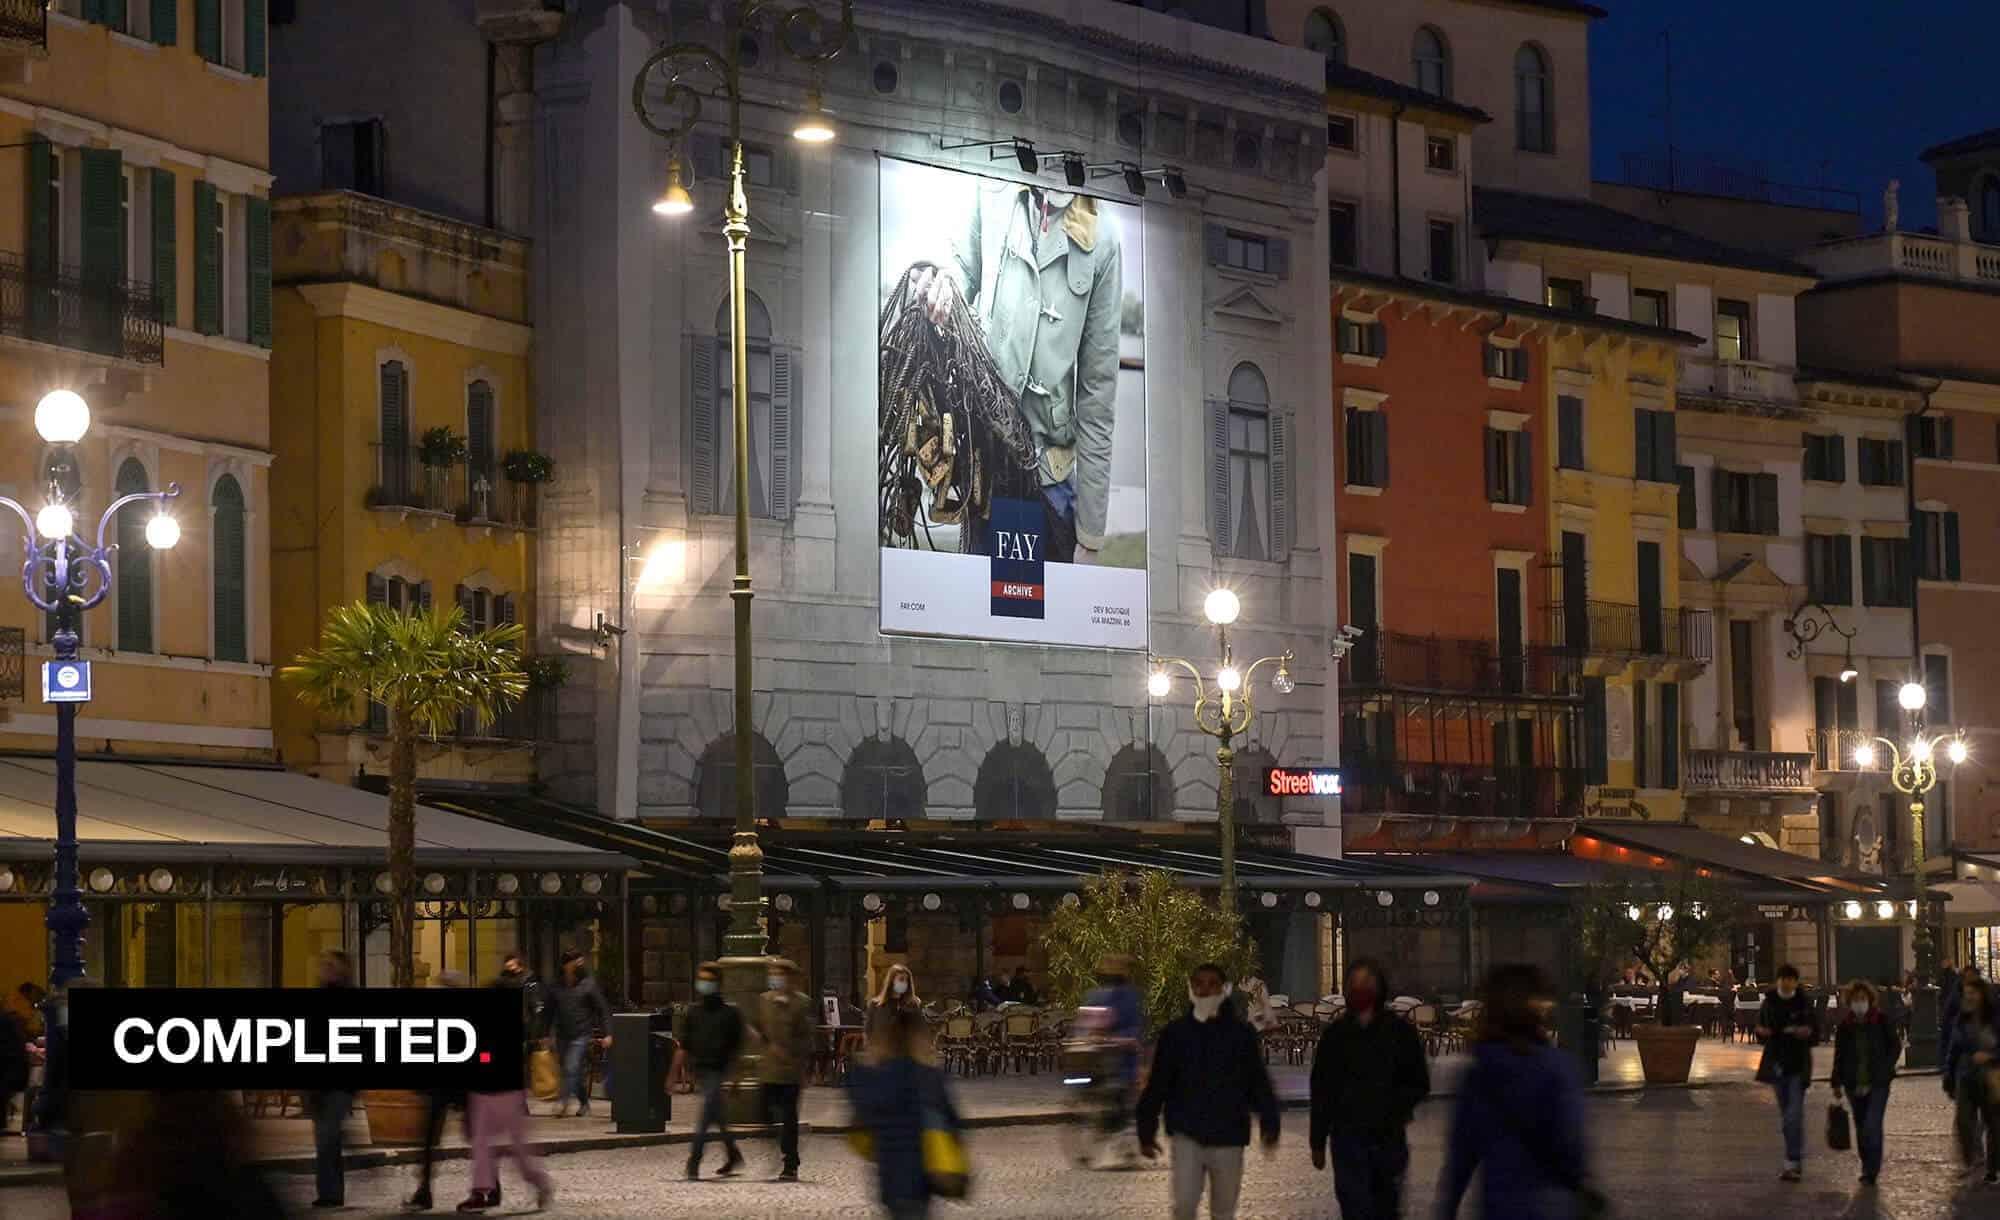 Maxi Affisione a Verona in Piazza Bra Palazzo Malfatti con Fay (fashion)